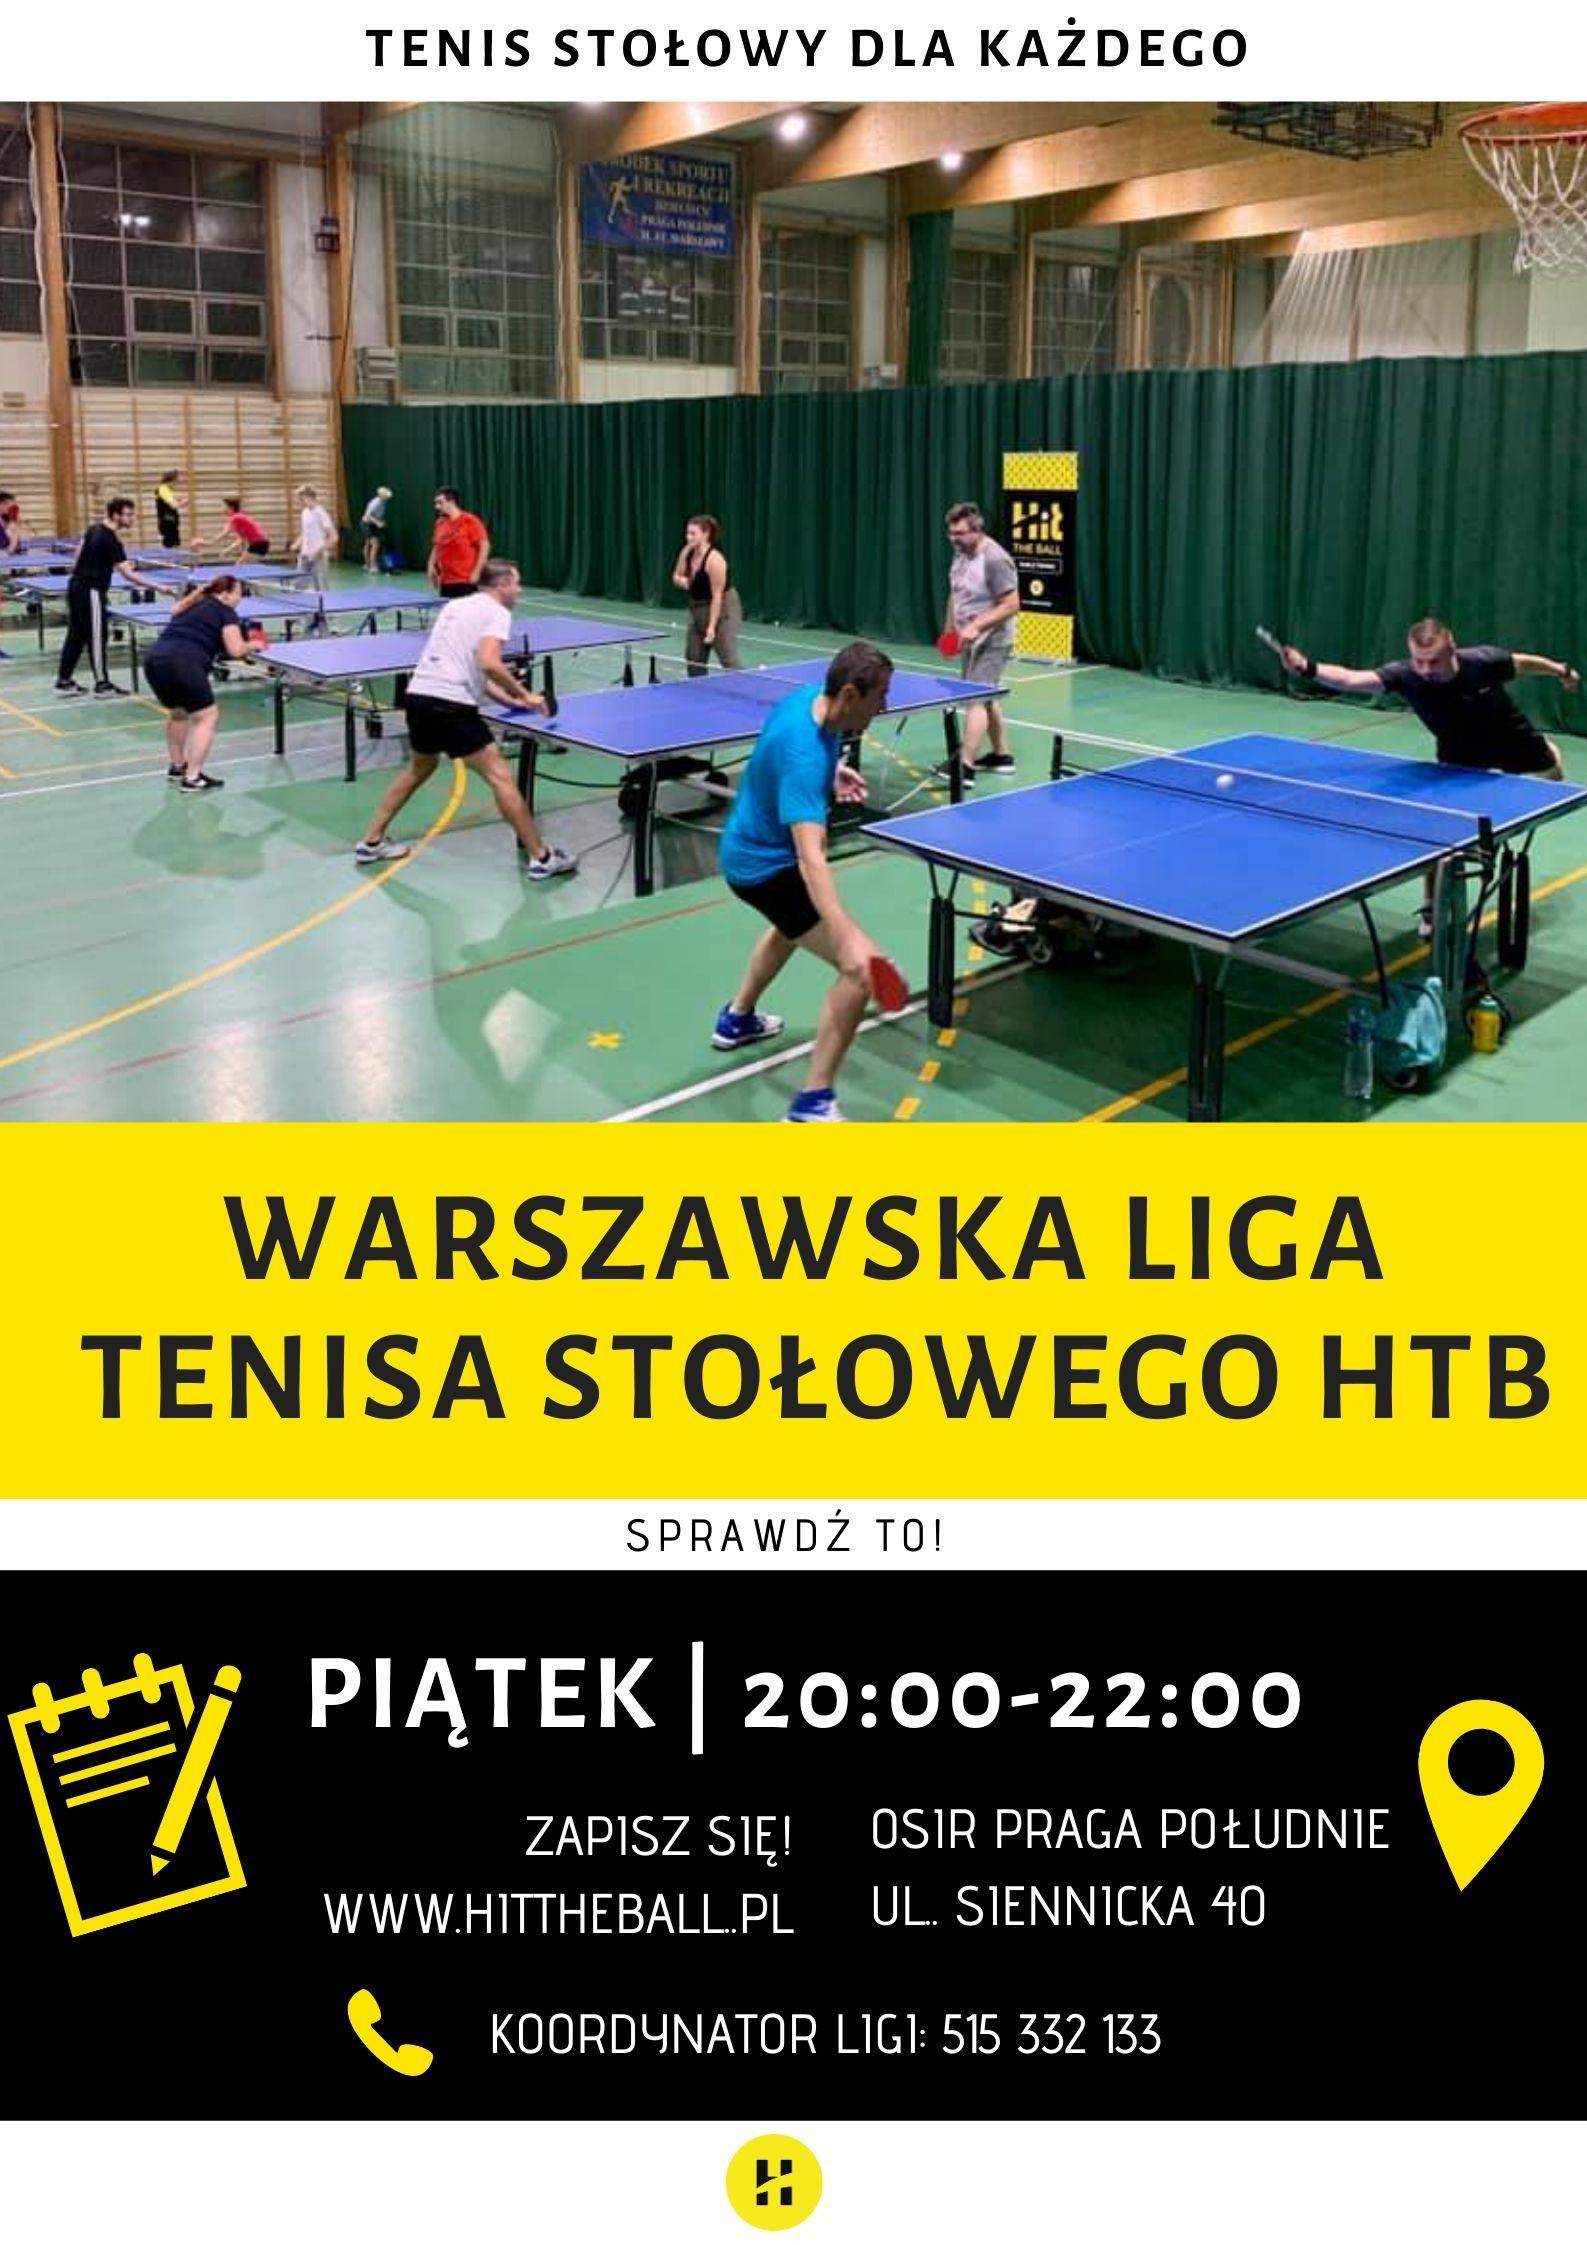 Plakat turnieju Warszawa Liga Tenisa Stołowego 2020 - 5 termin